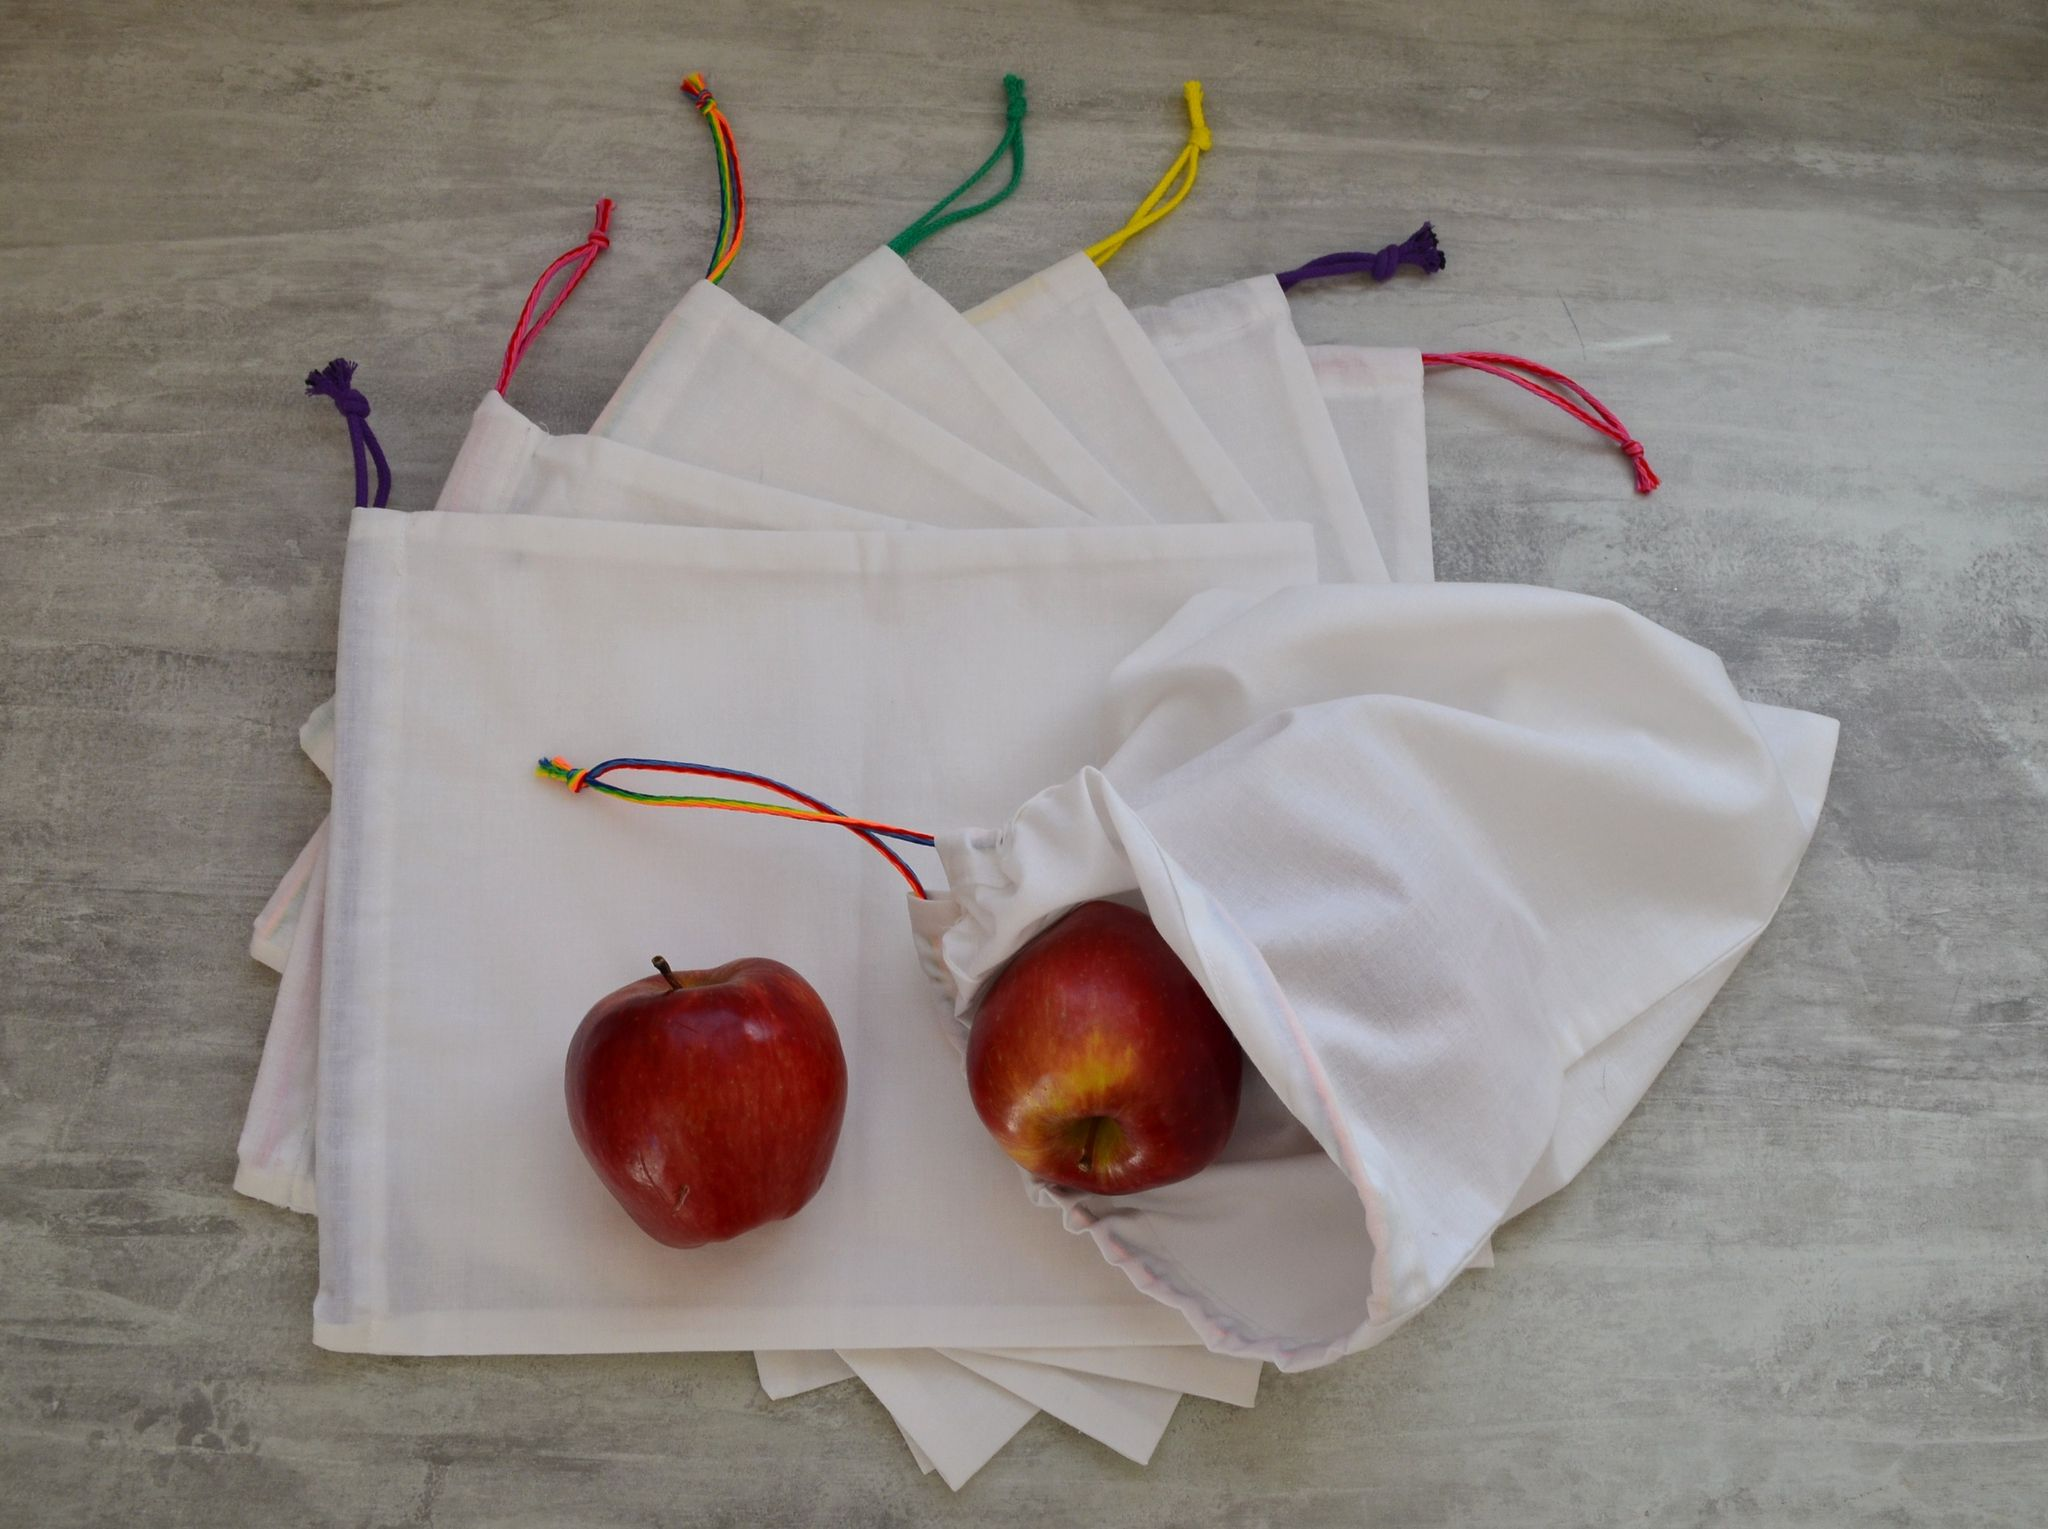 tuto sacs r utilisables fruits et l gumes couture sacs et pochettes pinterest zero waste. Black Bedroom Furniture Sets. Home Design Ideas